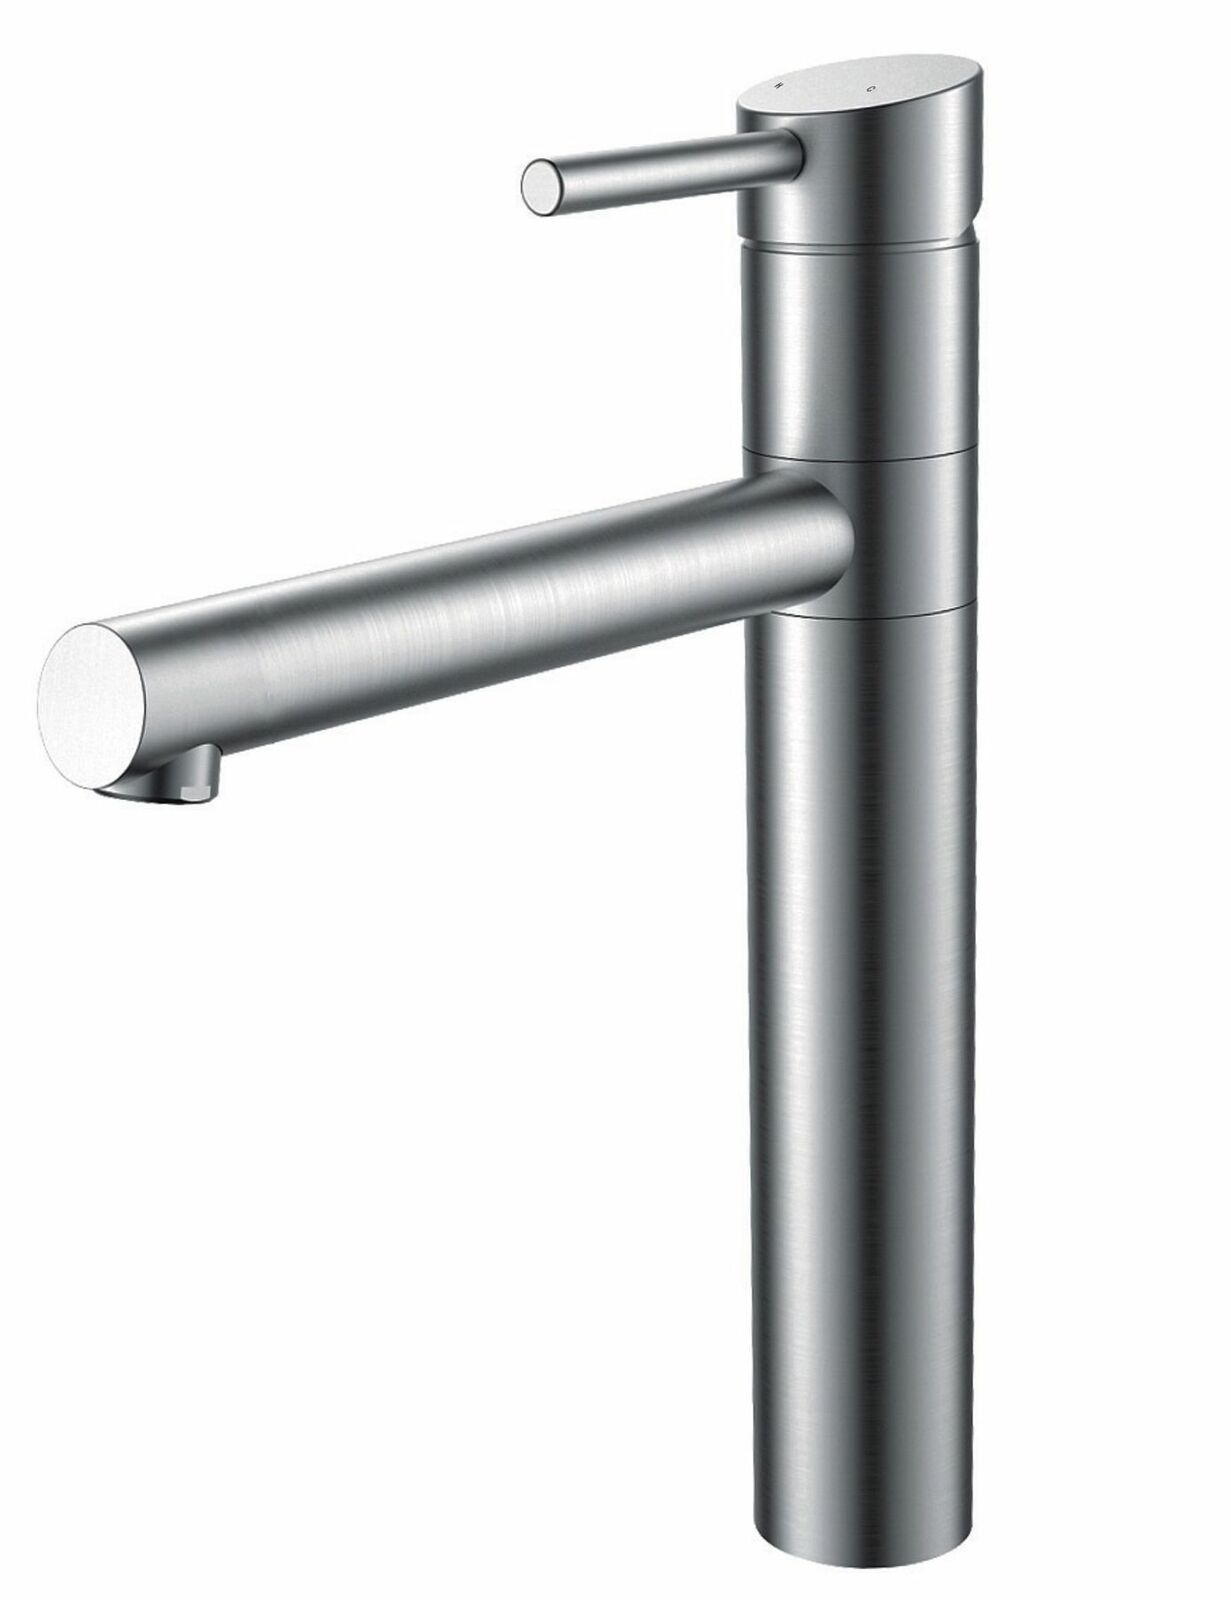 Küchen Armatur Edelstahl Massiv Wasserhahn 90° Schwenkbar Mischbatterie  *0576 1 ...